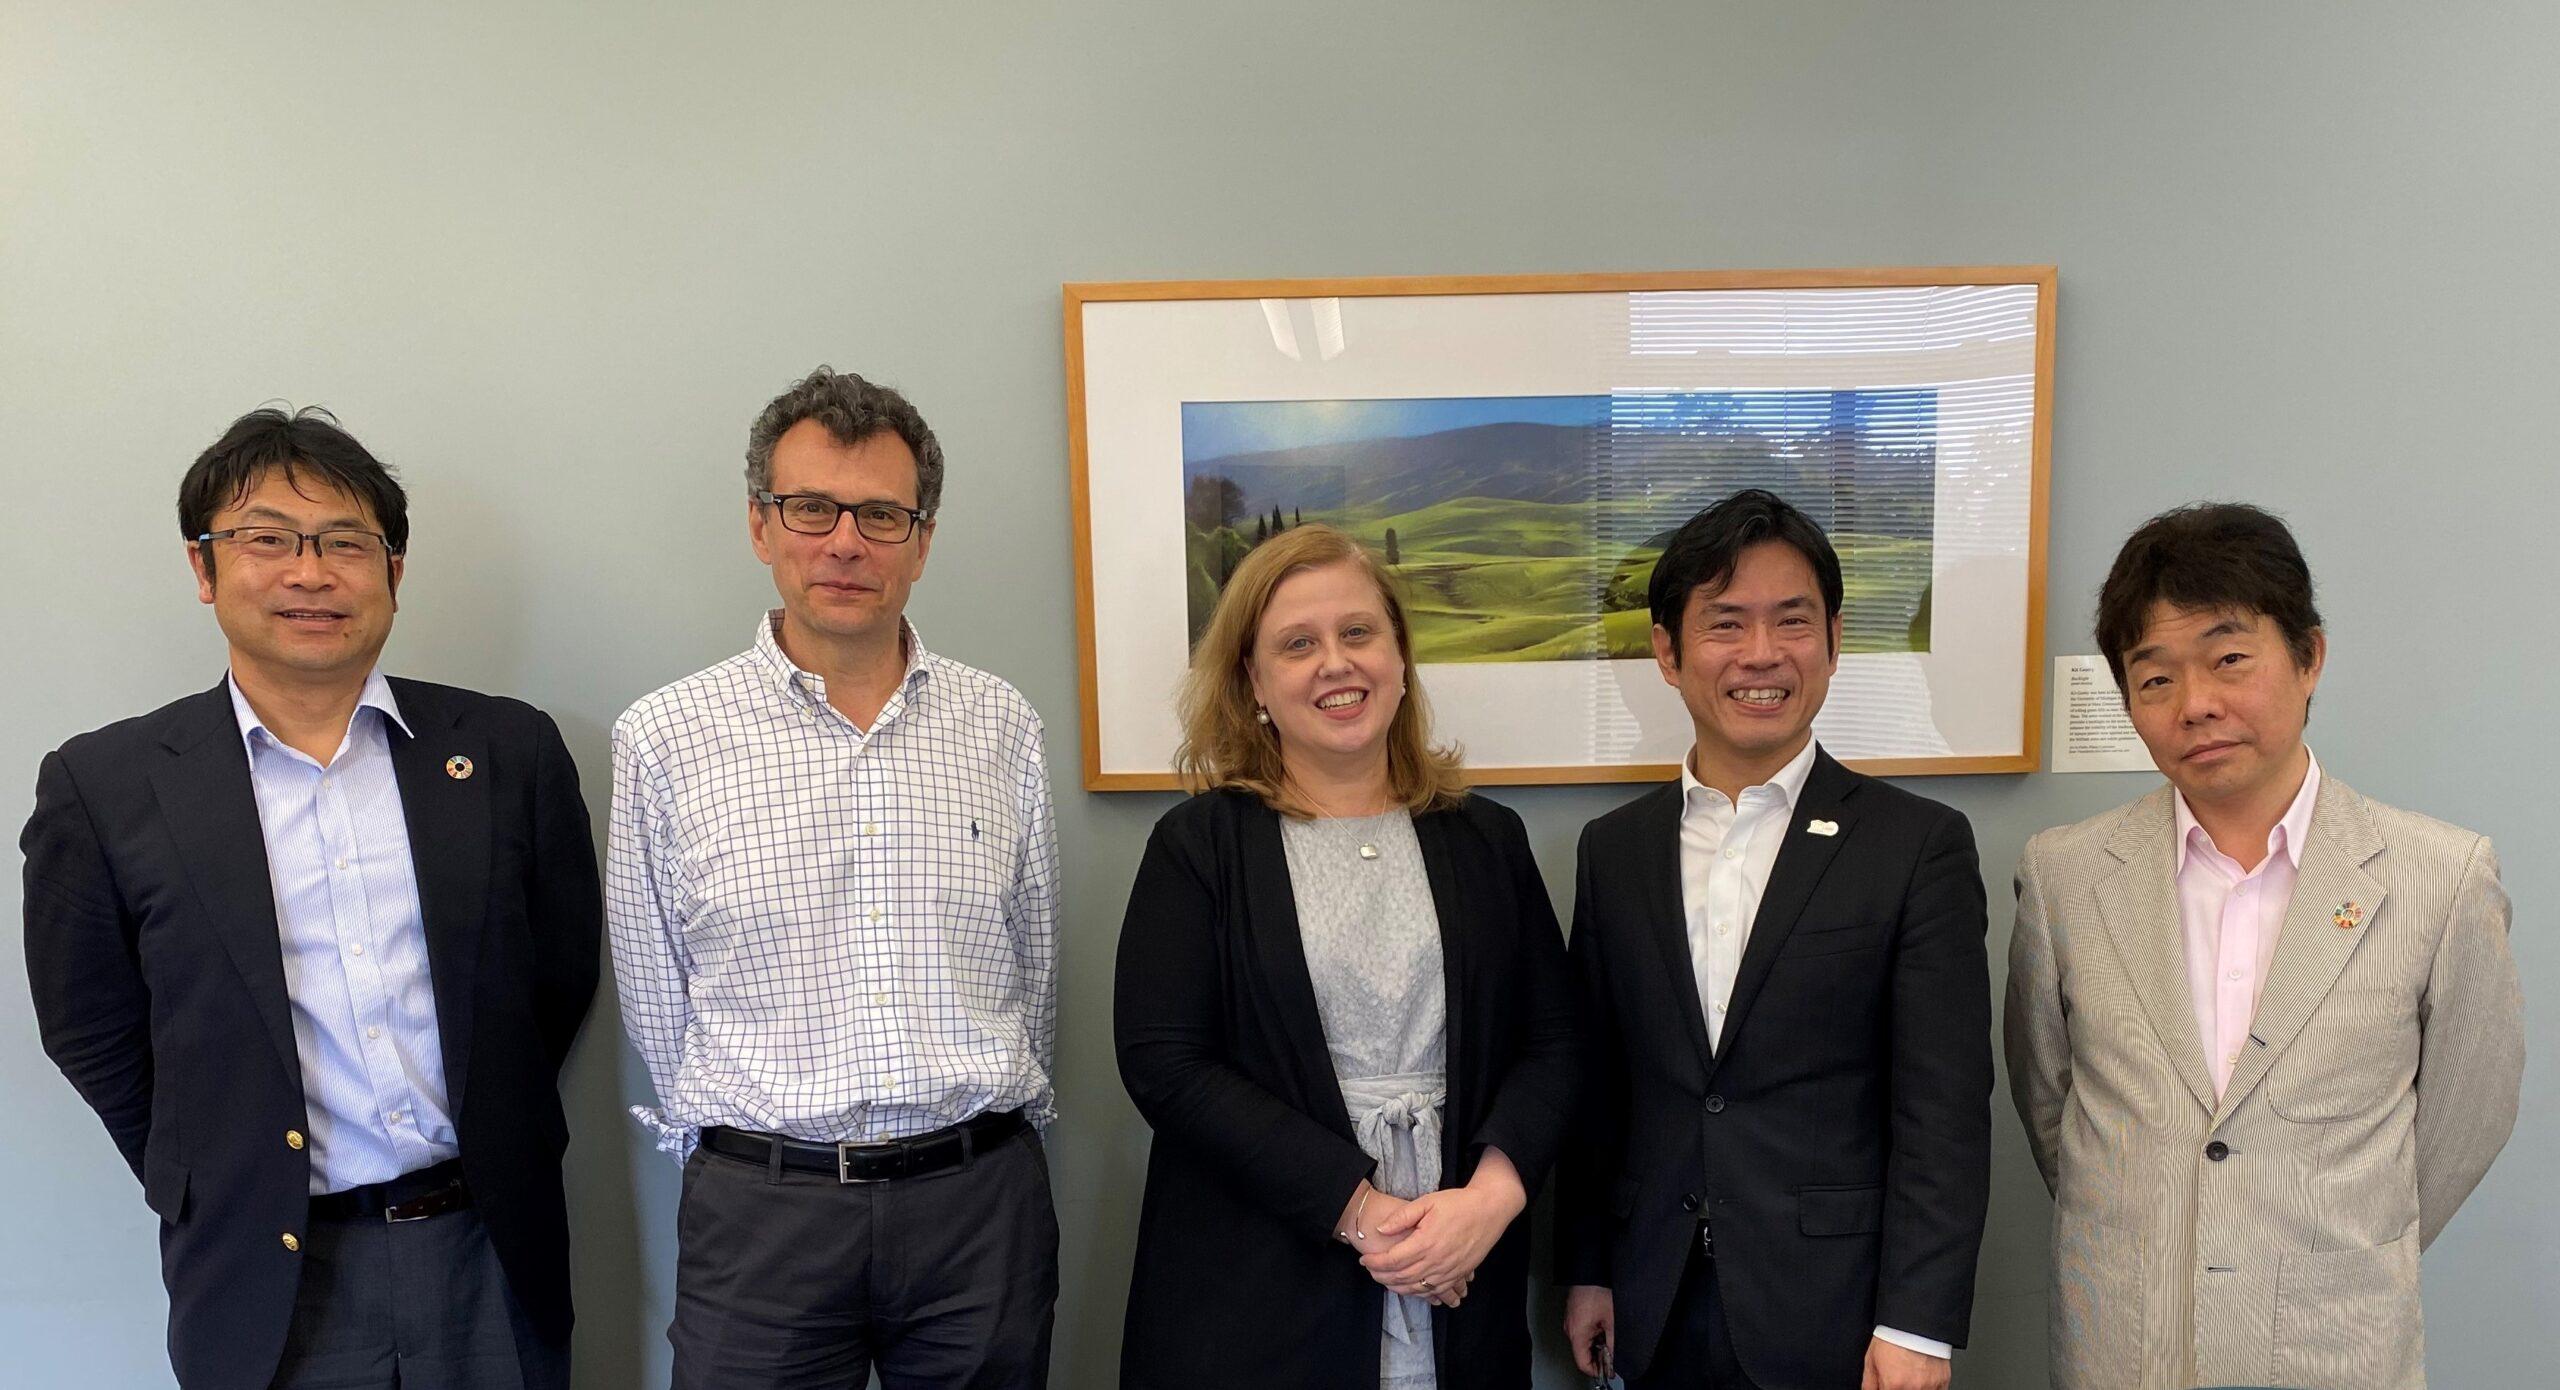 ハワイ大学バシリス・シルモス研究担当副学長(左から2人目)、ローラ・リヨン教学担当副学長(同3人目)